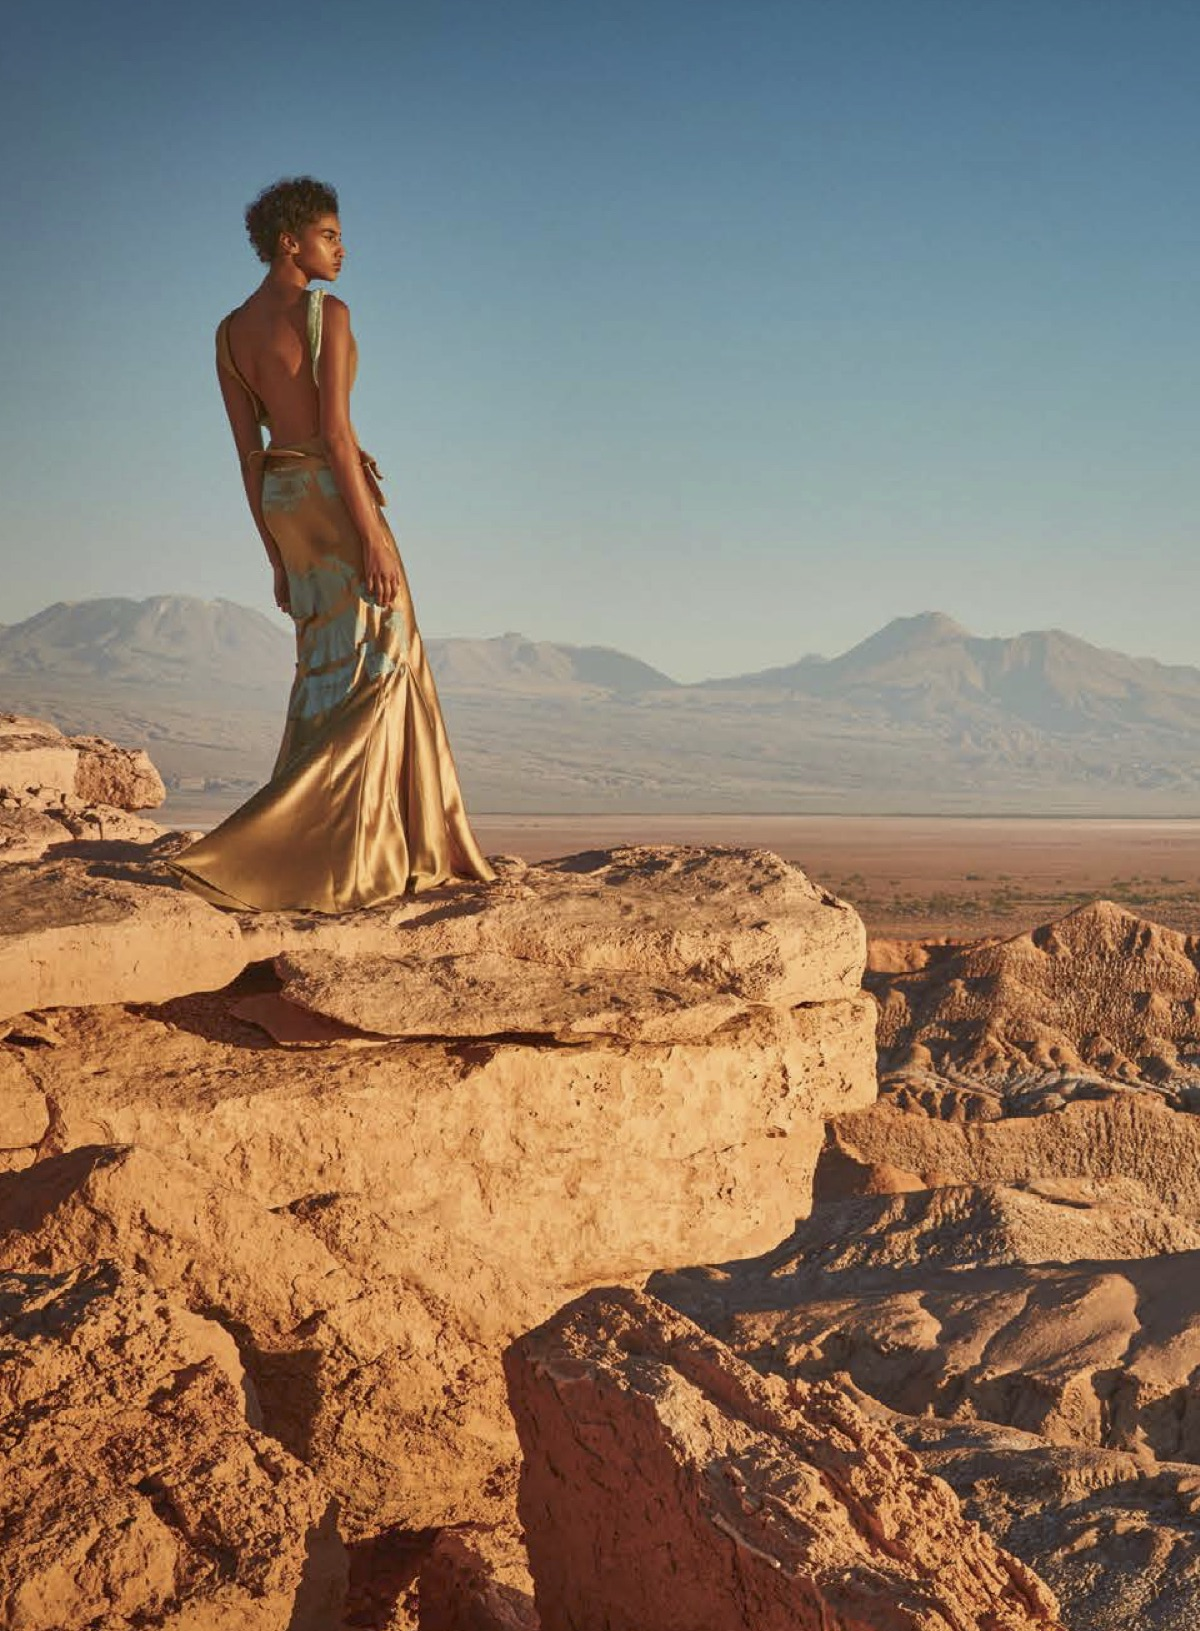 desert_calm6.jpg